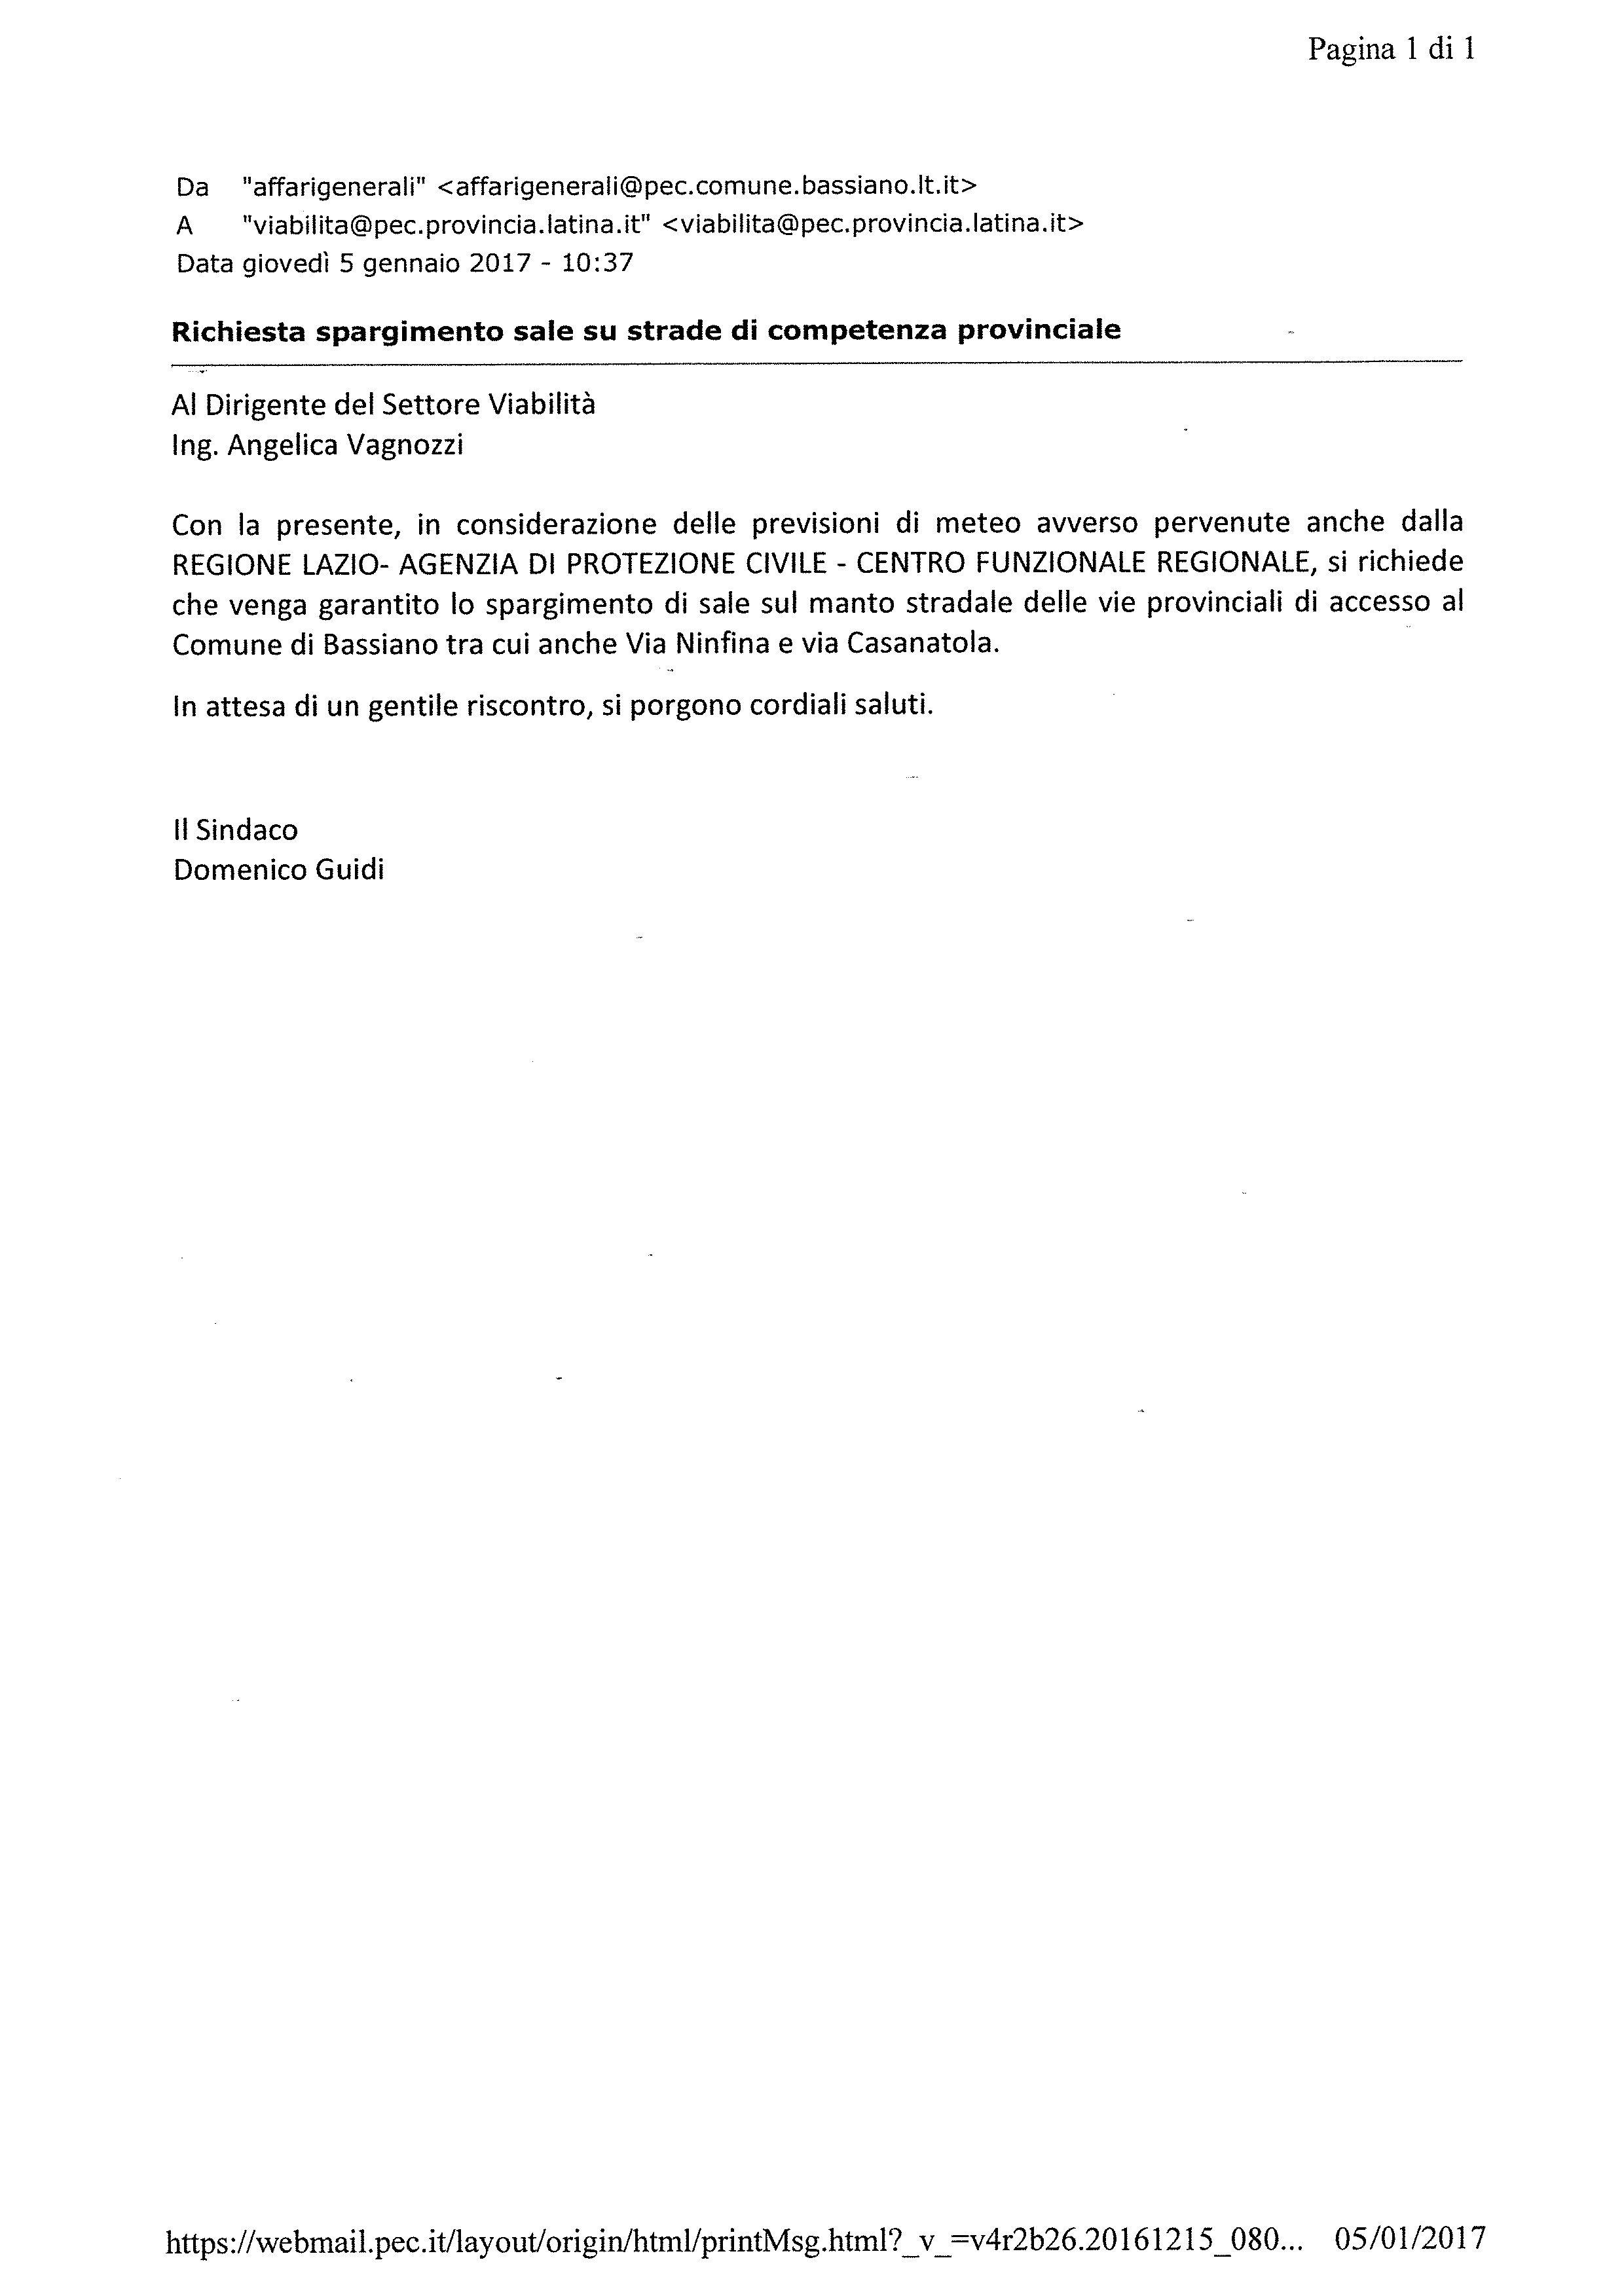 RICHIESTA ALLA PROVINCIA DI LATINA - SPARGIMENTO SALE